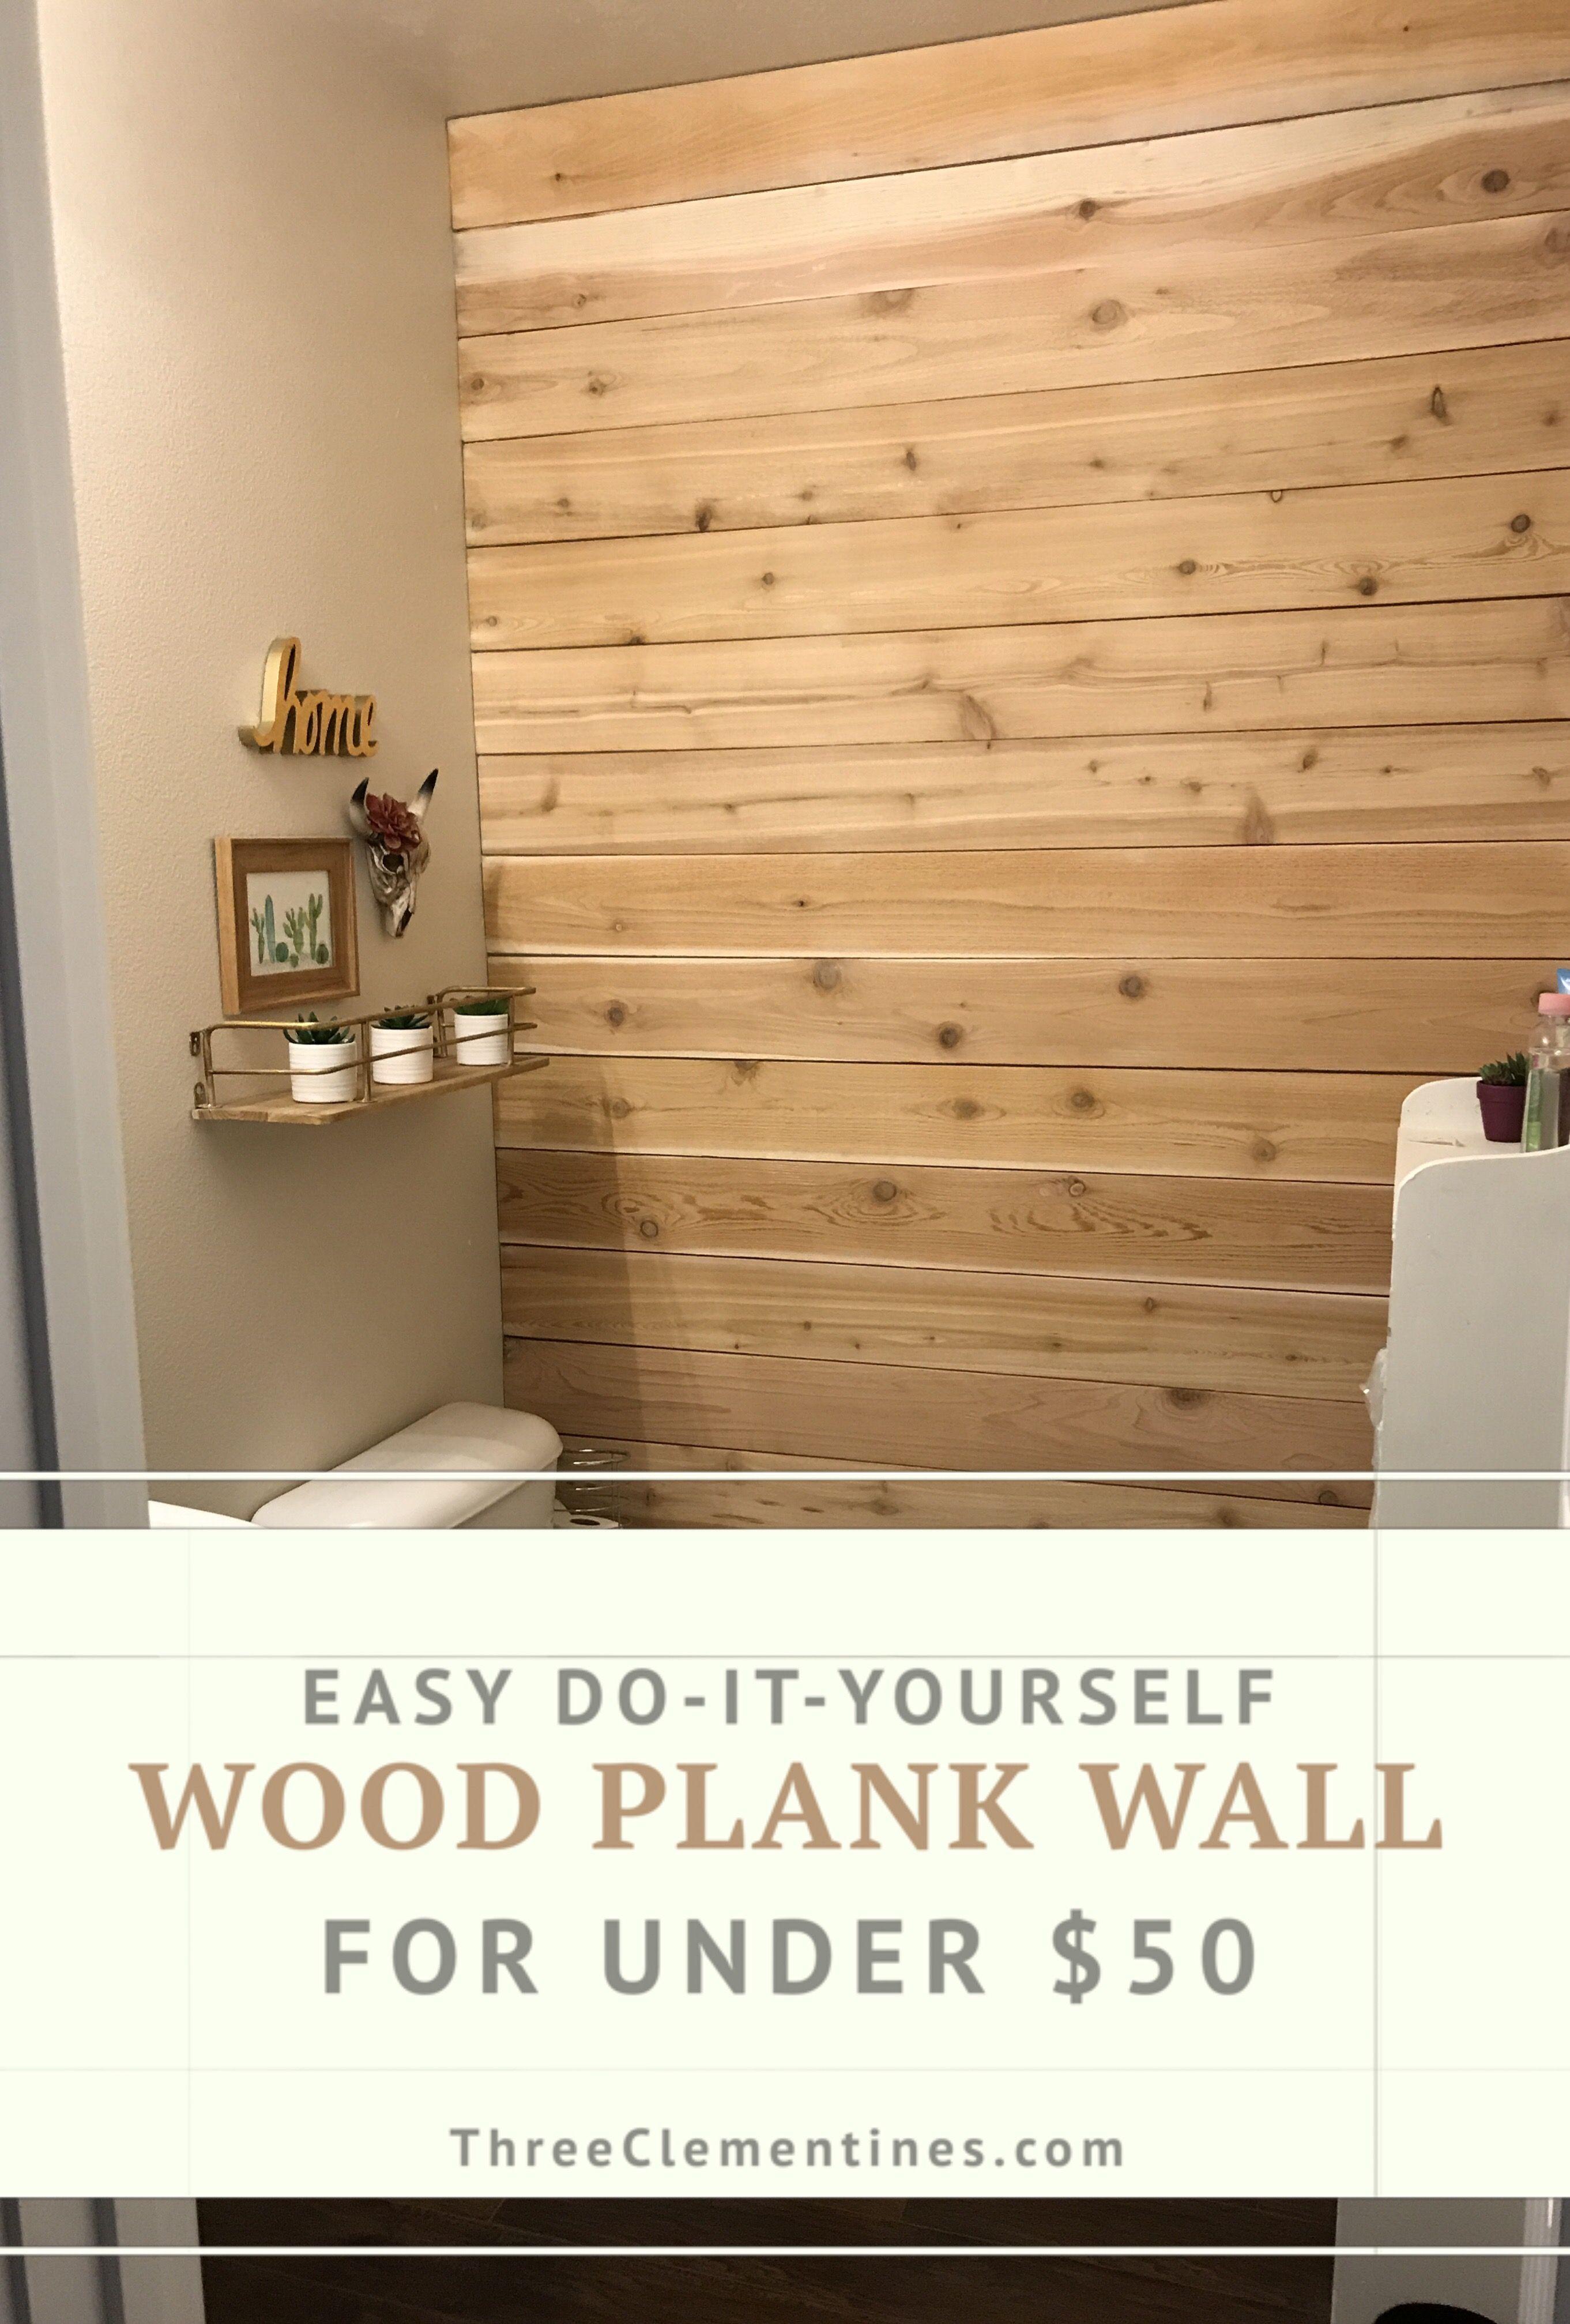 Diy Wood Plank Wall On A Budget Three Clementines Plank Walls Diy Wood Wall Diy Plank Wall